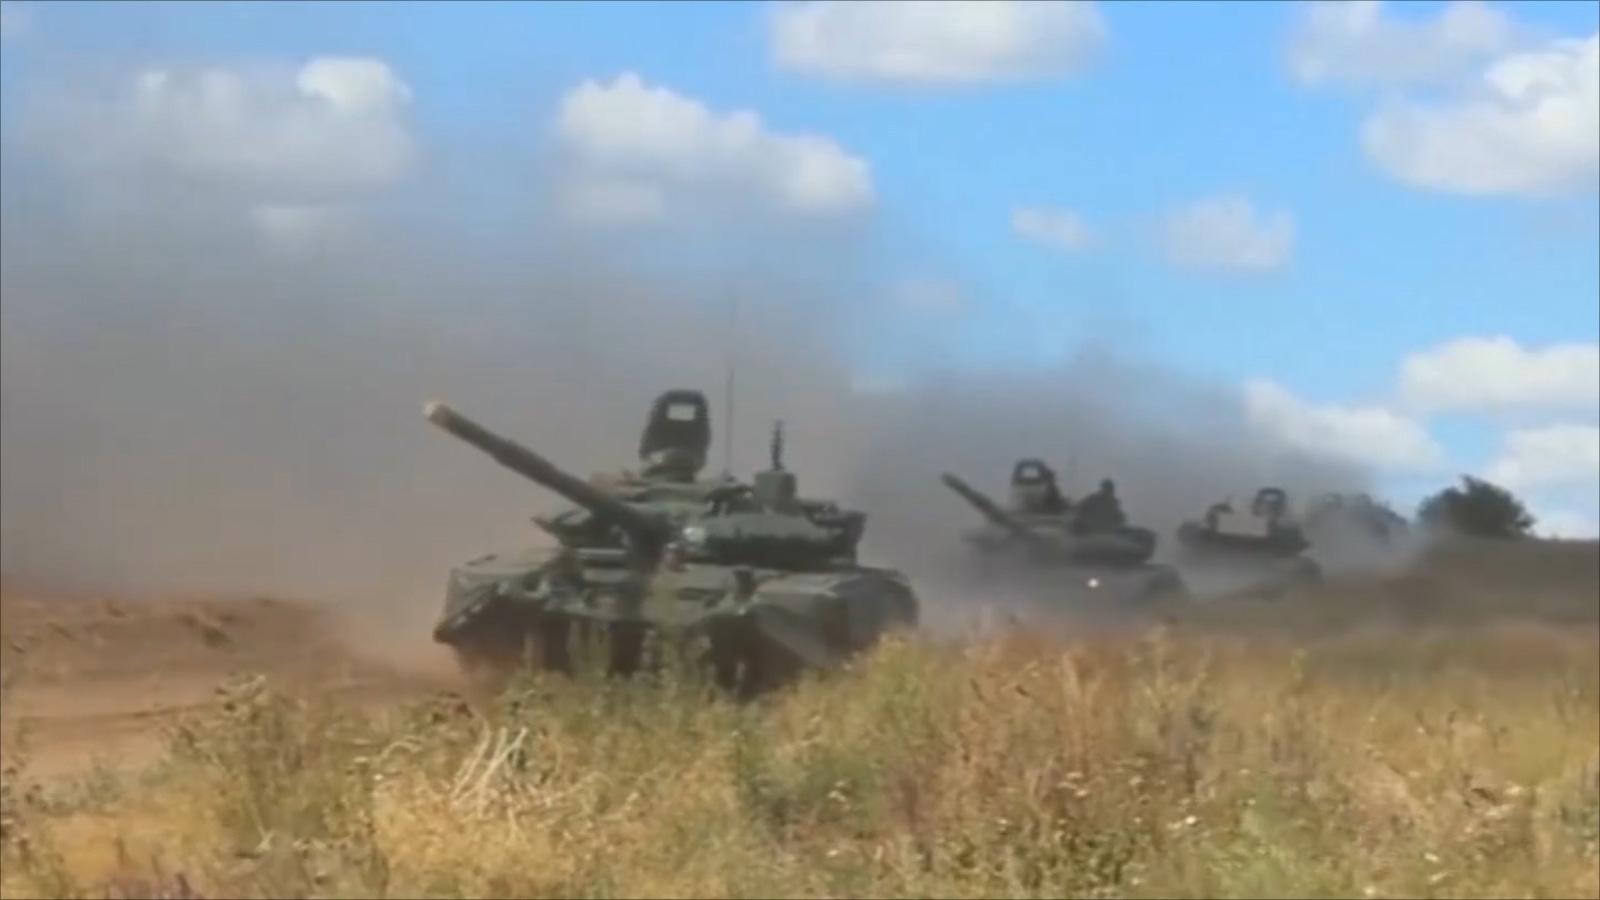 روسيا تستعرض قوتها بأكبر مناورات منذ الحرب الباردة